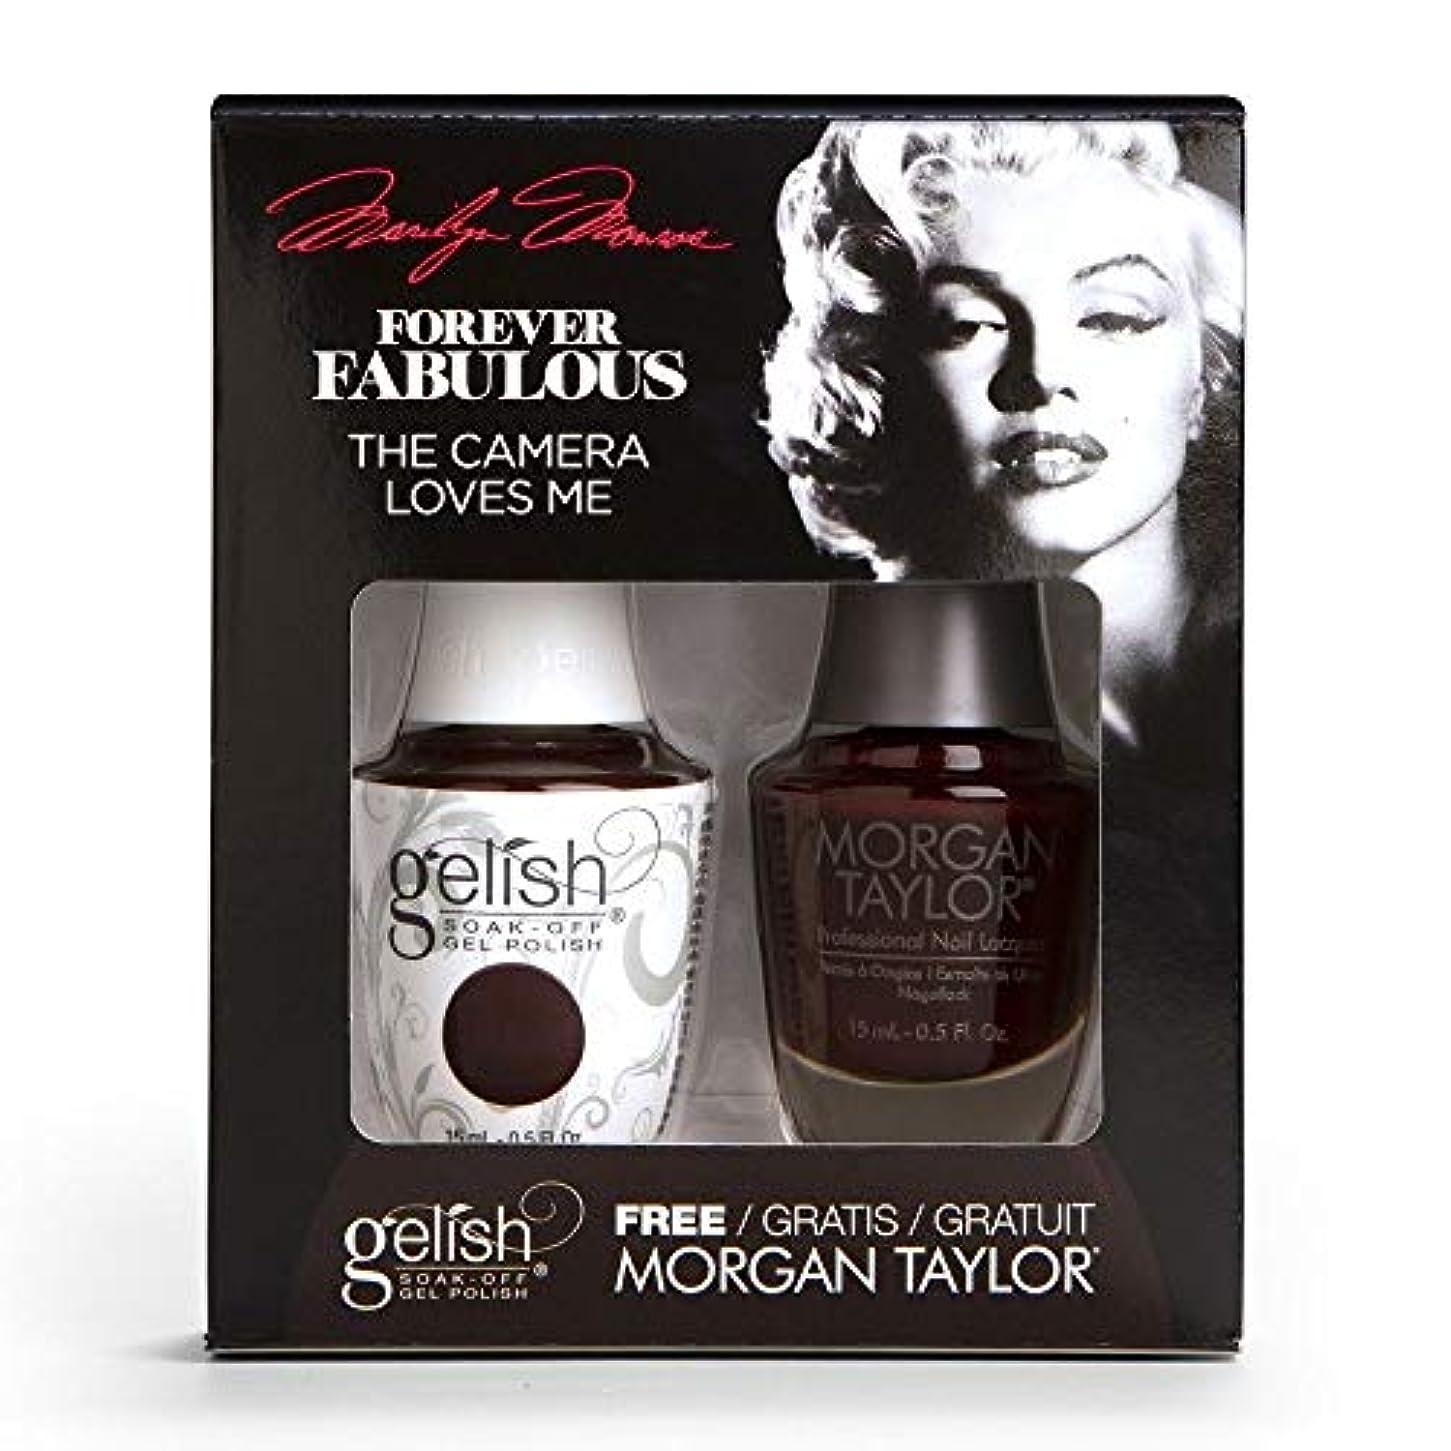 省略するチェスをする韻Harmony Gelish & Morgan Taylor - Two Of A Kind - Forever Fabulous Marilyn Monroe - The Camera Loves Me 15 mL /...